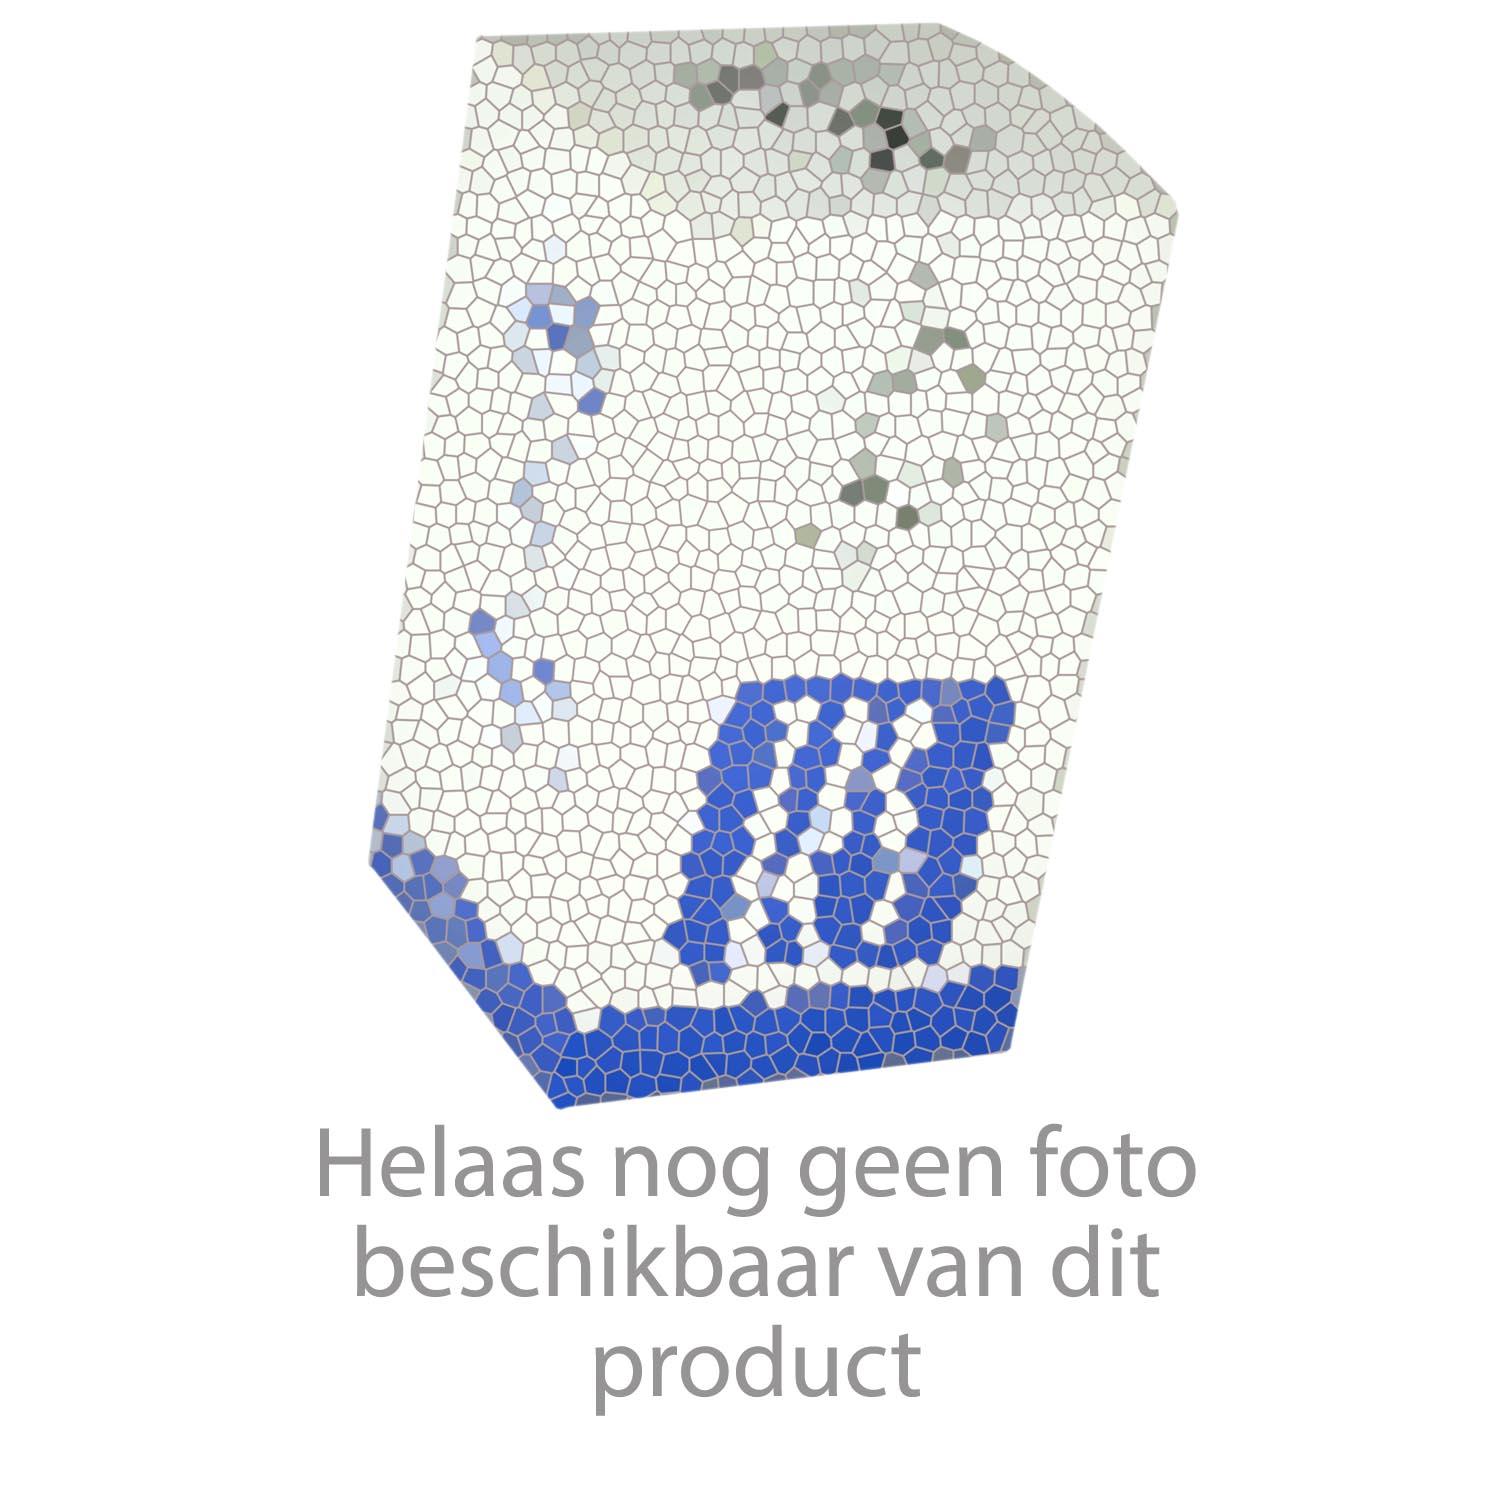 Echtermann ECOSTAR 2-gats bladmodel tussenkraan op mengblok (h.o.h. 15cm) Artikel nummer 1509/02-1250K (Keramisch)